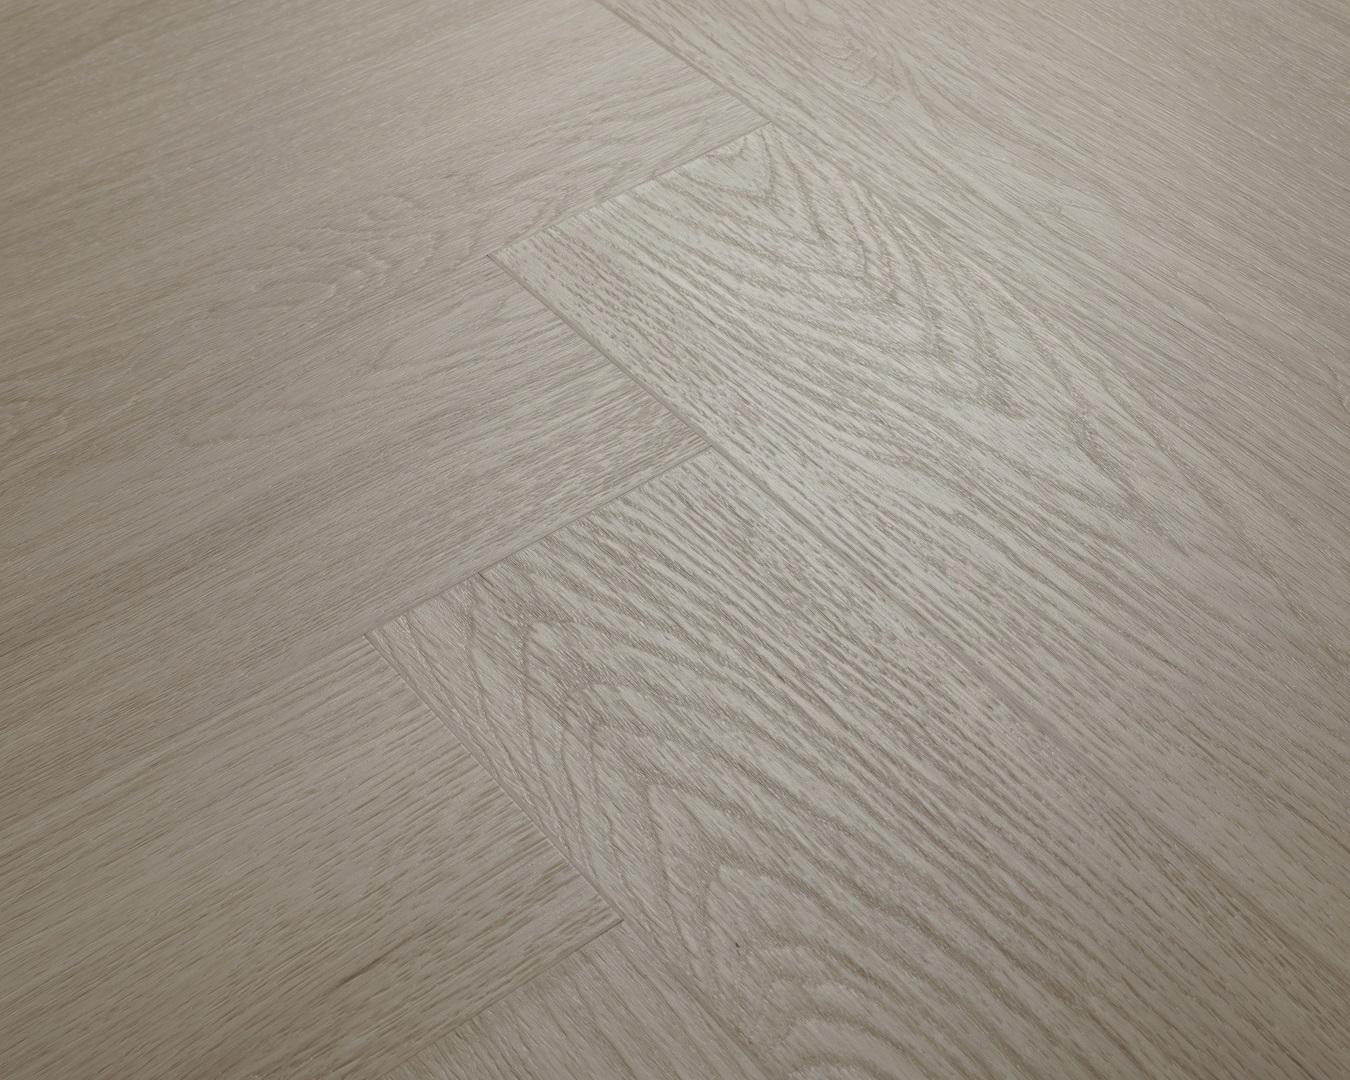 Impervia® Herringbone Parquet Alabaster White Oak